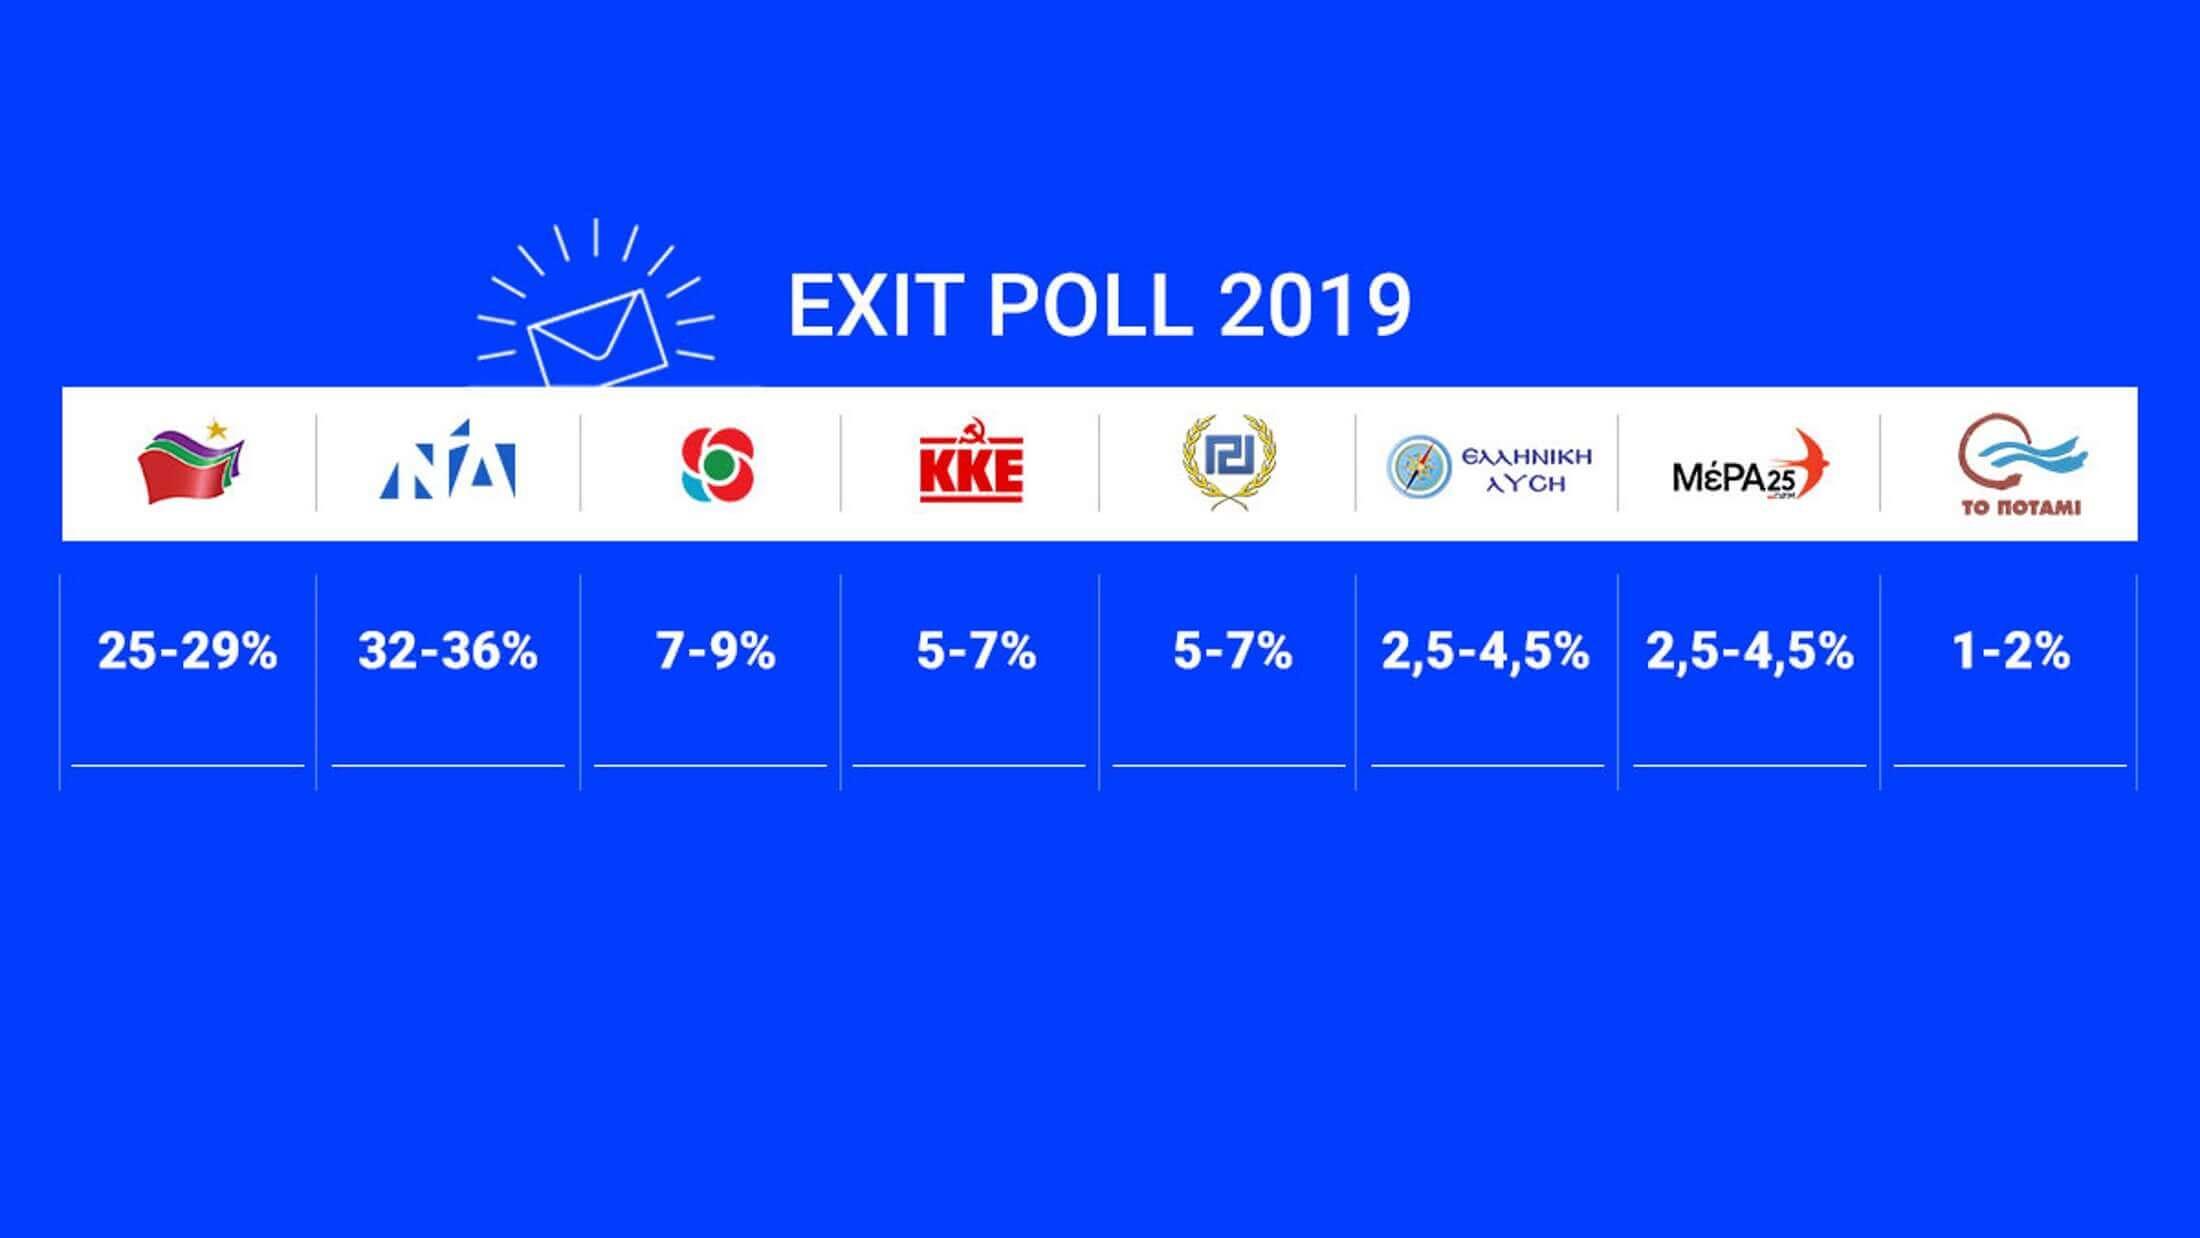 Exit poll: Καθαρή νίκη της ΝΔ έναντι του ΣΥΡΙΖΑ - Δείτε αναλυτικά τι προβλέπουν